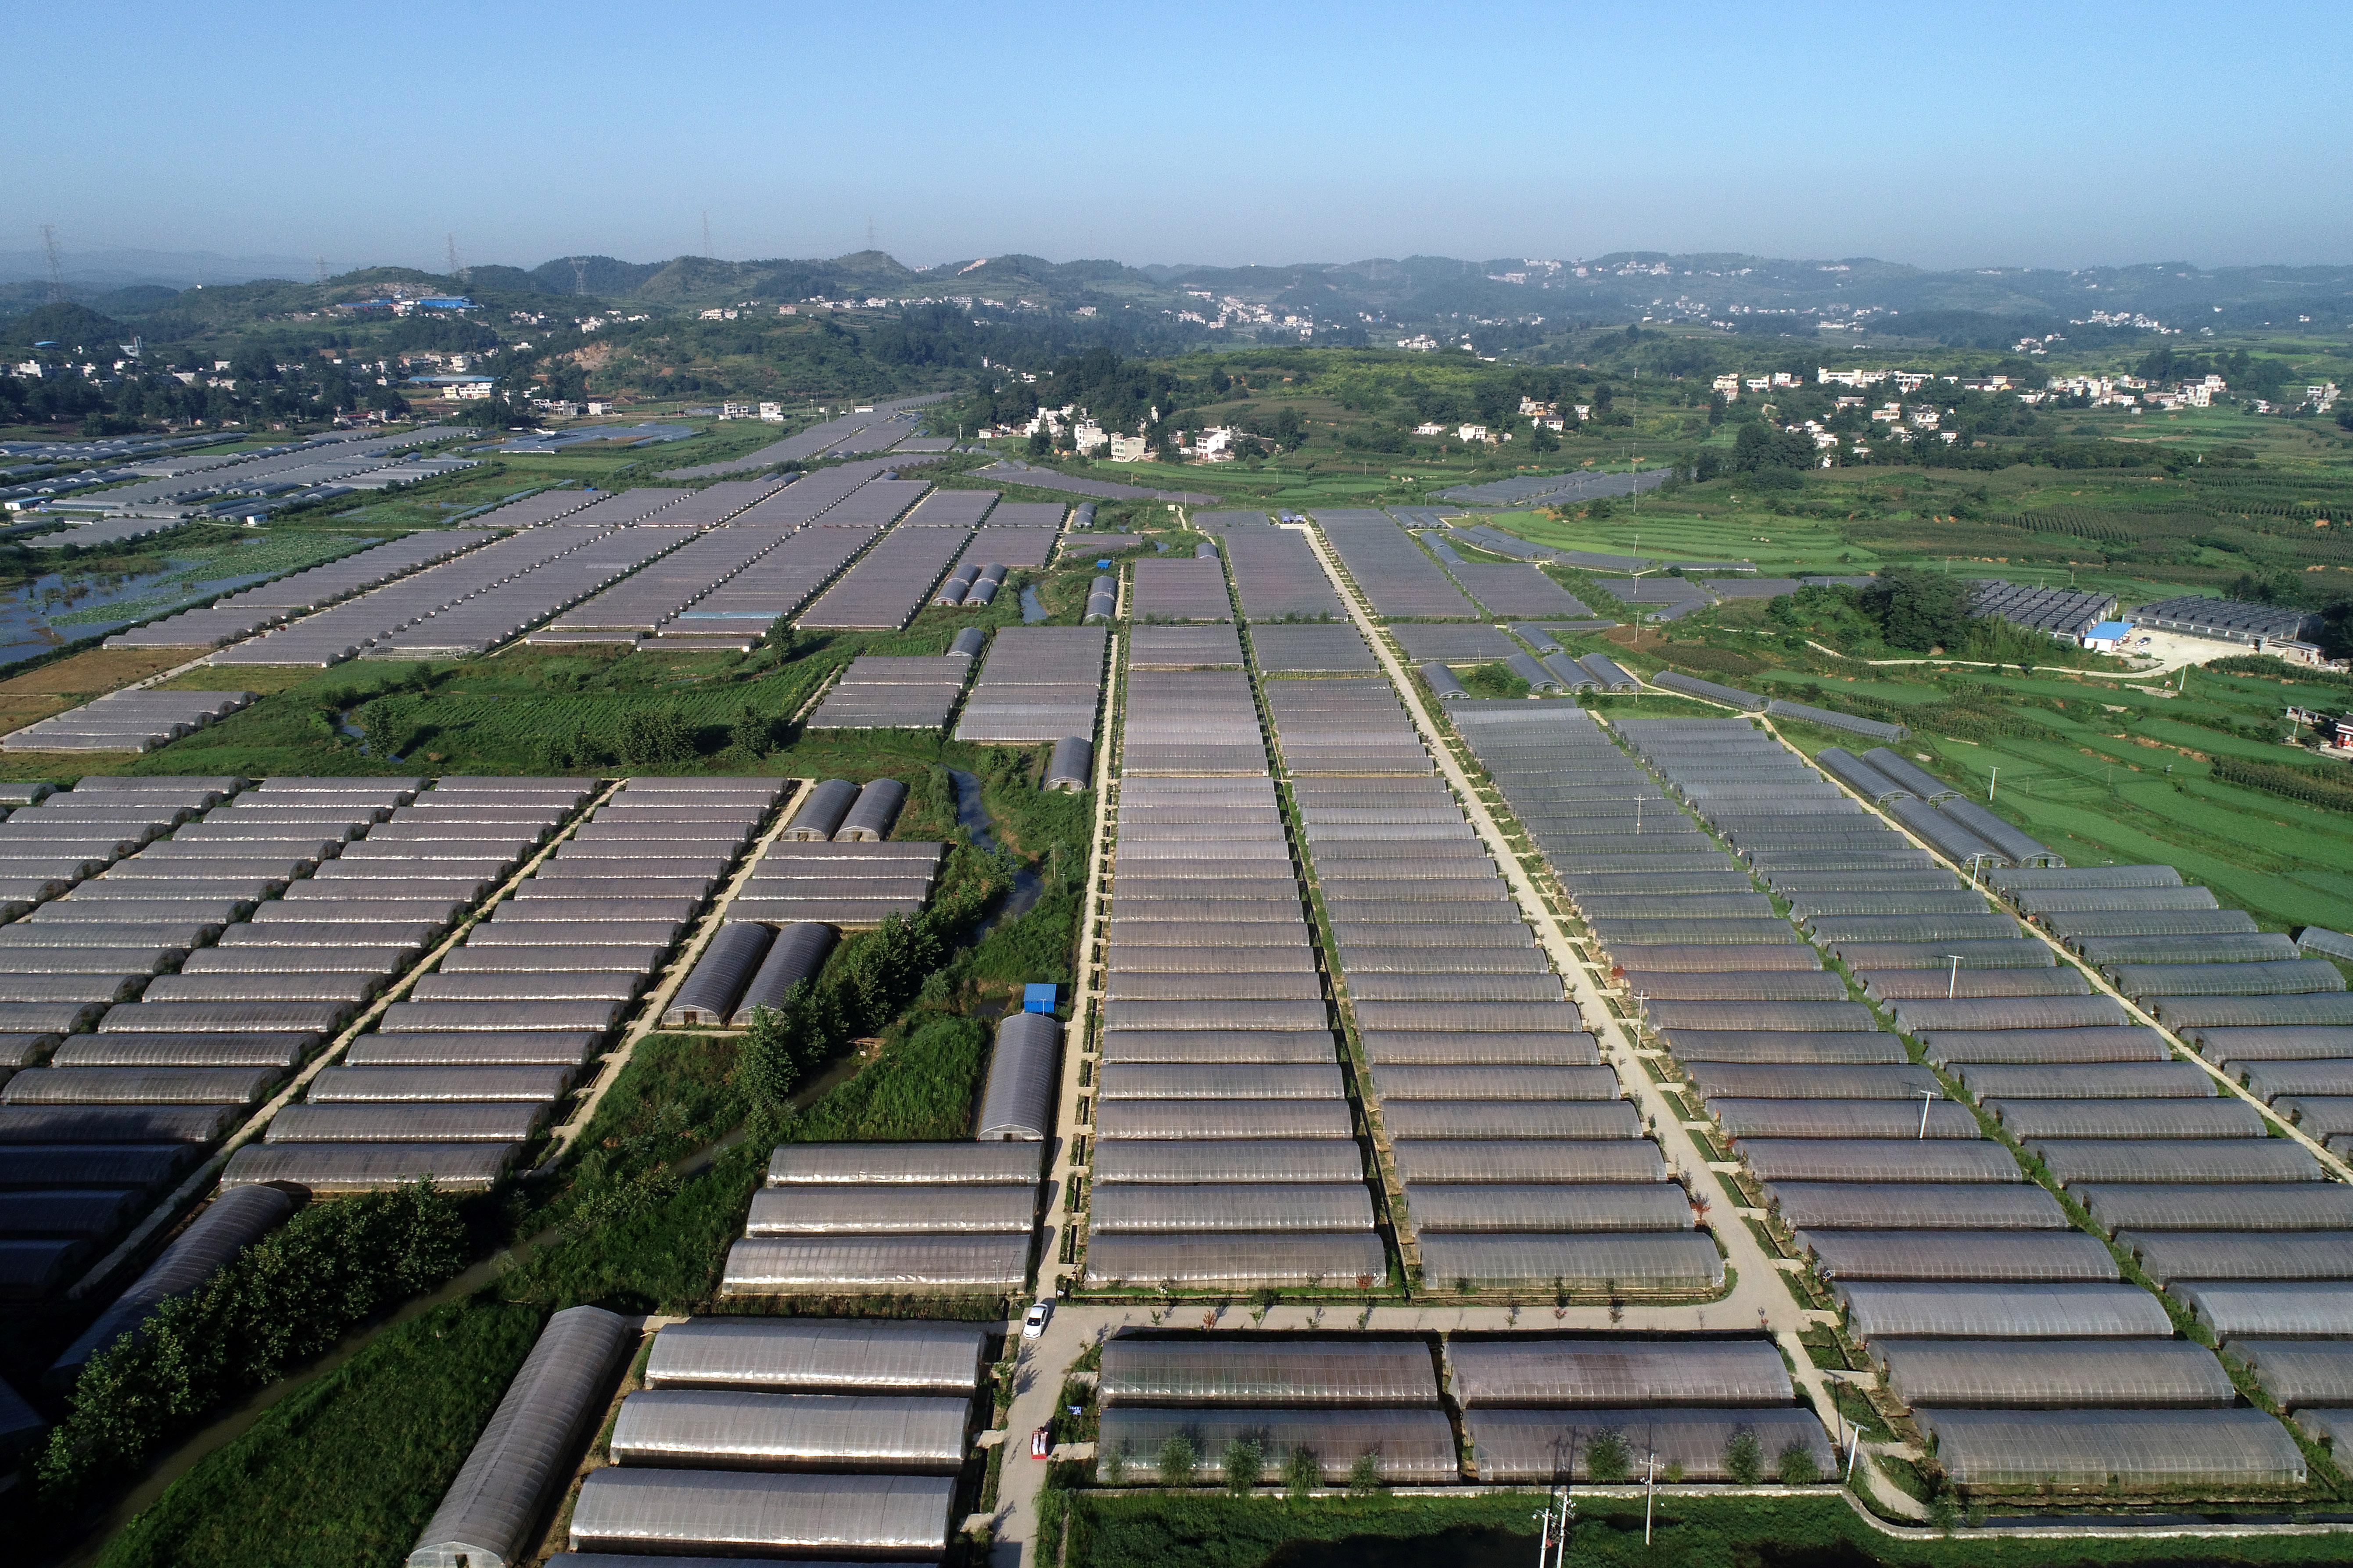 贵州黔西:规模化发展经济作物 提升坝区农业效益